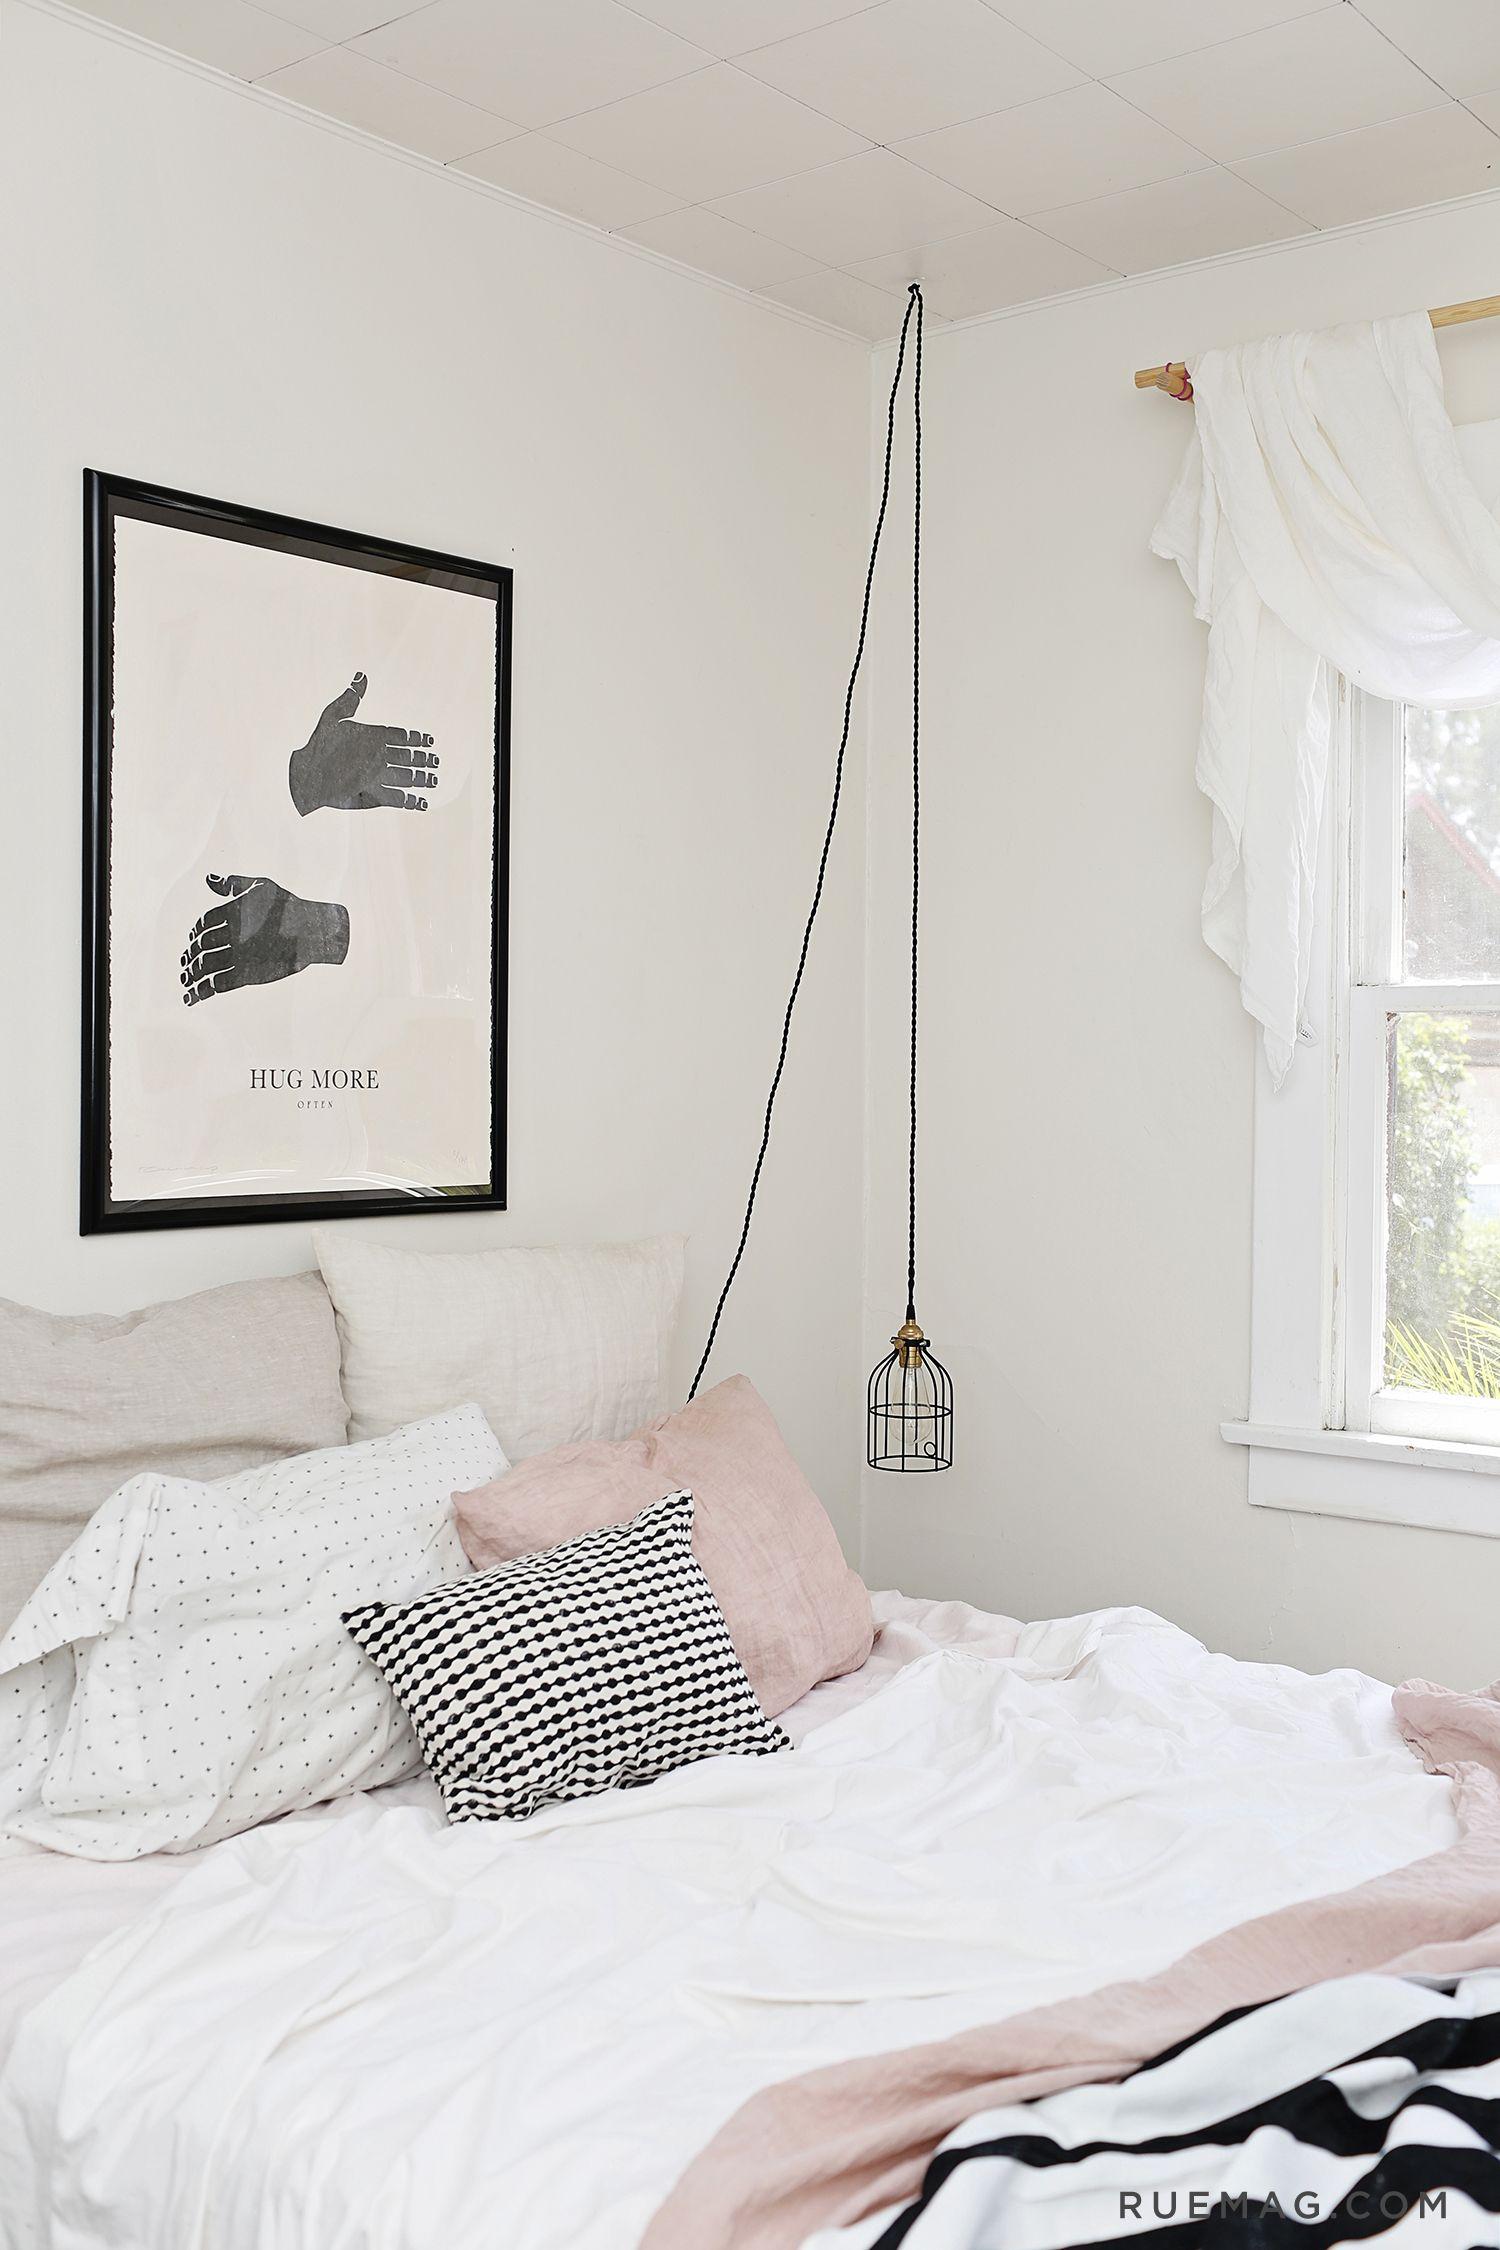 Begehbarer Kleiderschrank Im Schlafzimmer Integrieren ~ Inspiration für Begehbarer Kleiderschrank Im Schlafzimmer Integrieren